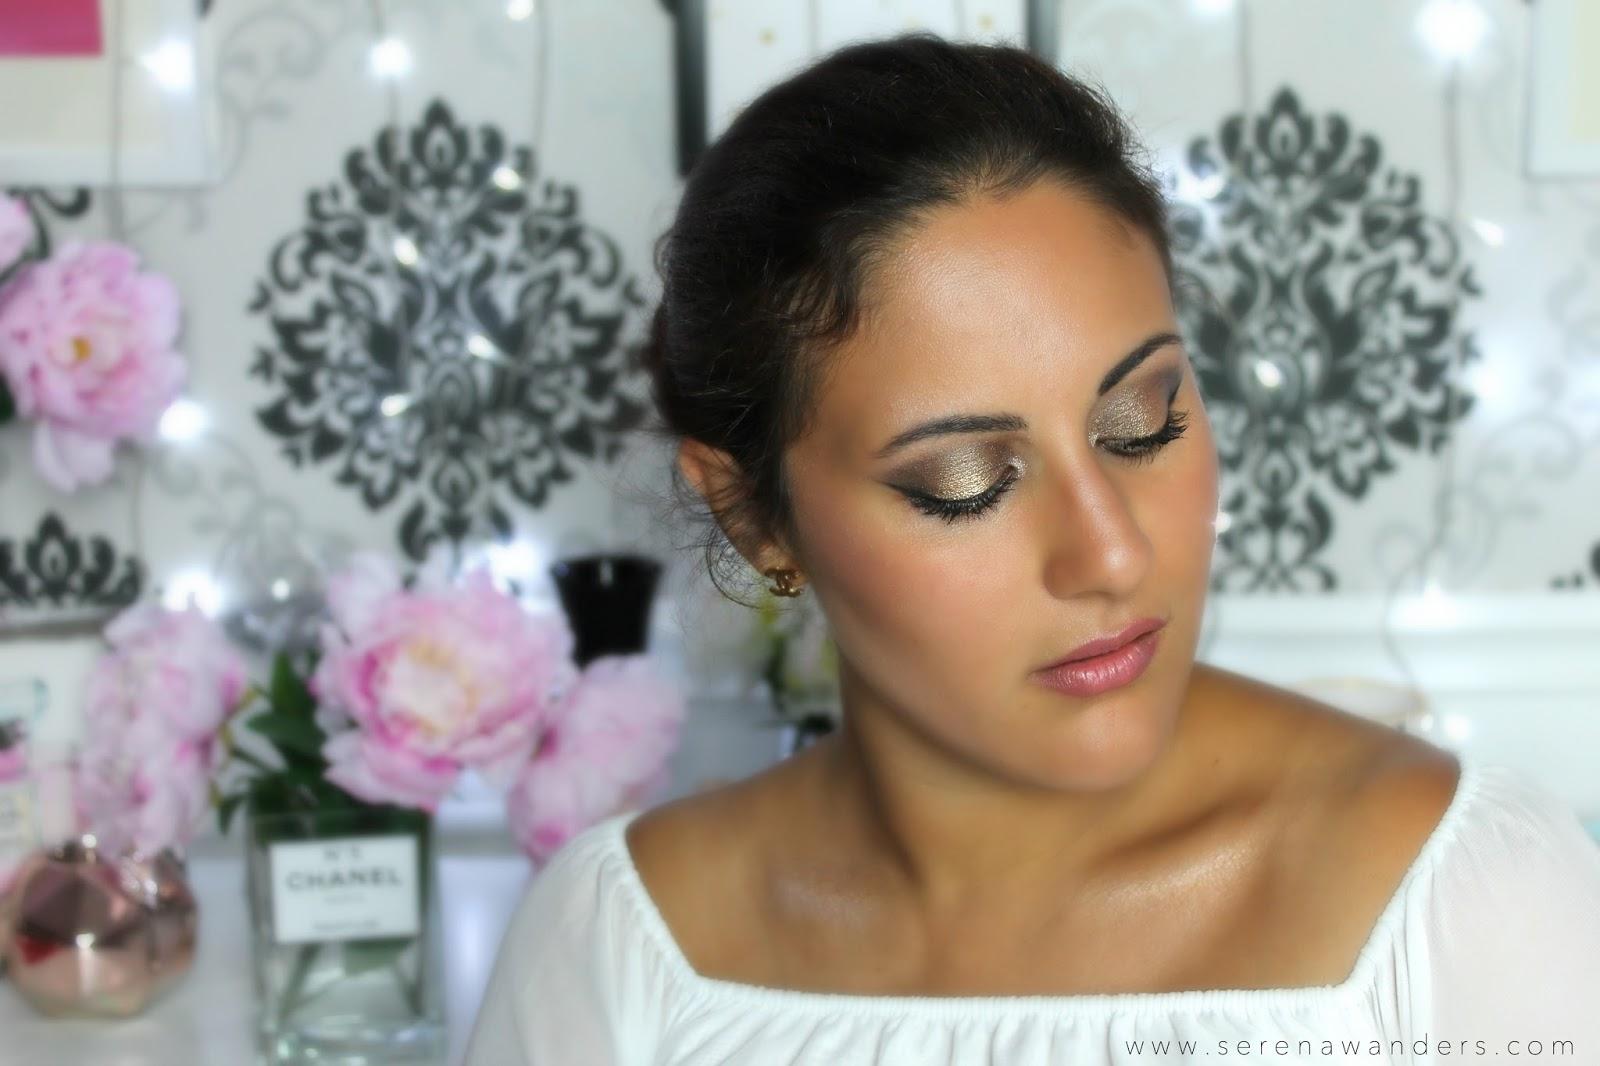 Serena wanders bronzed dewy highlighted goddess makeup tutorial quindi sommando questo al fatto che questo makeup look uno dei miei preferiti di sempre ho deciso di proporvelo proprio ora baditri Choice Image